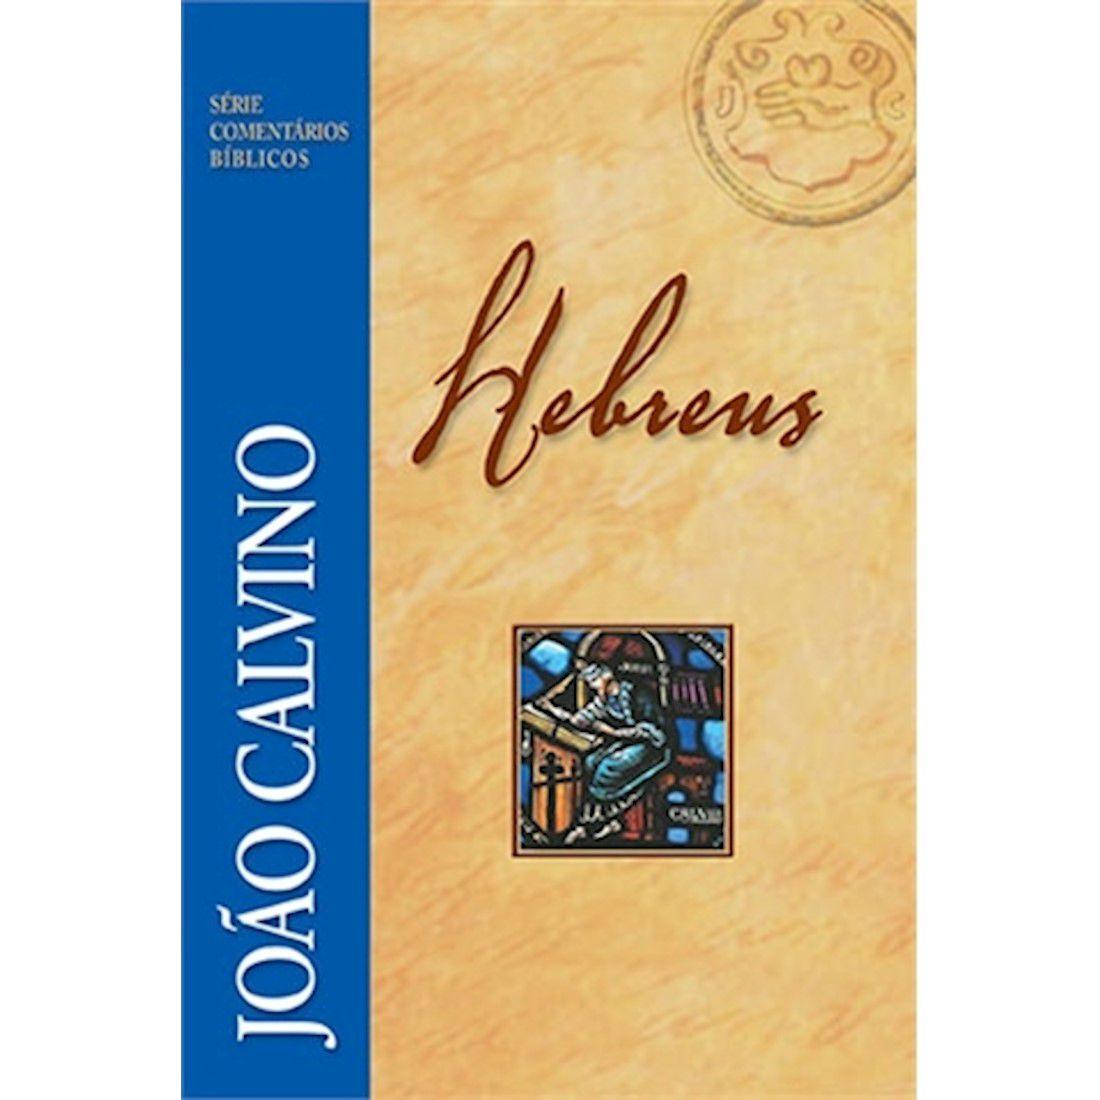 Série Comentários Bíblicos - Hebreus